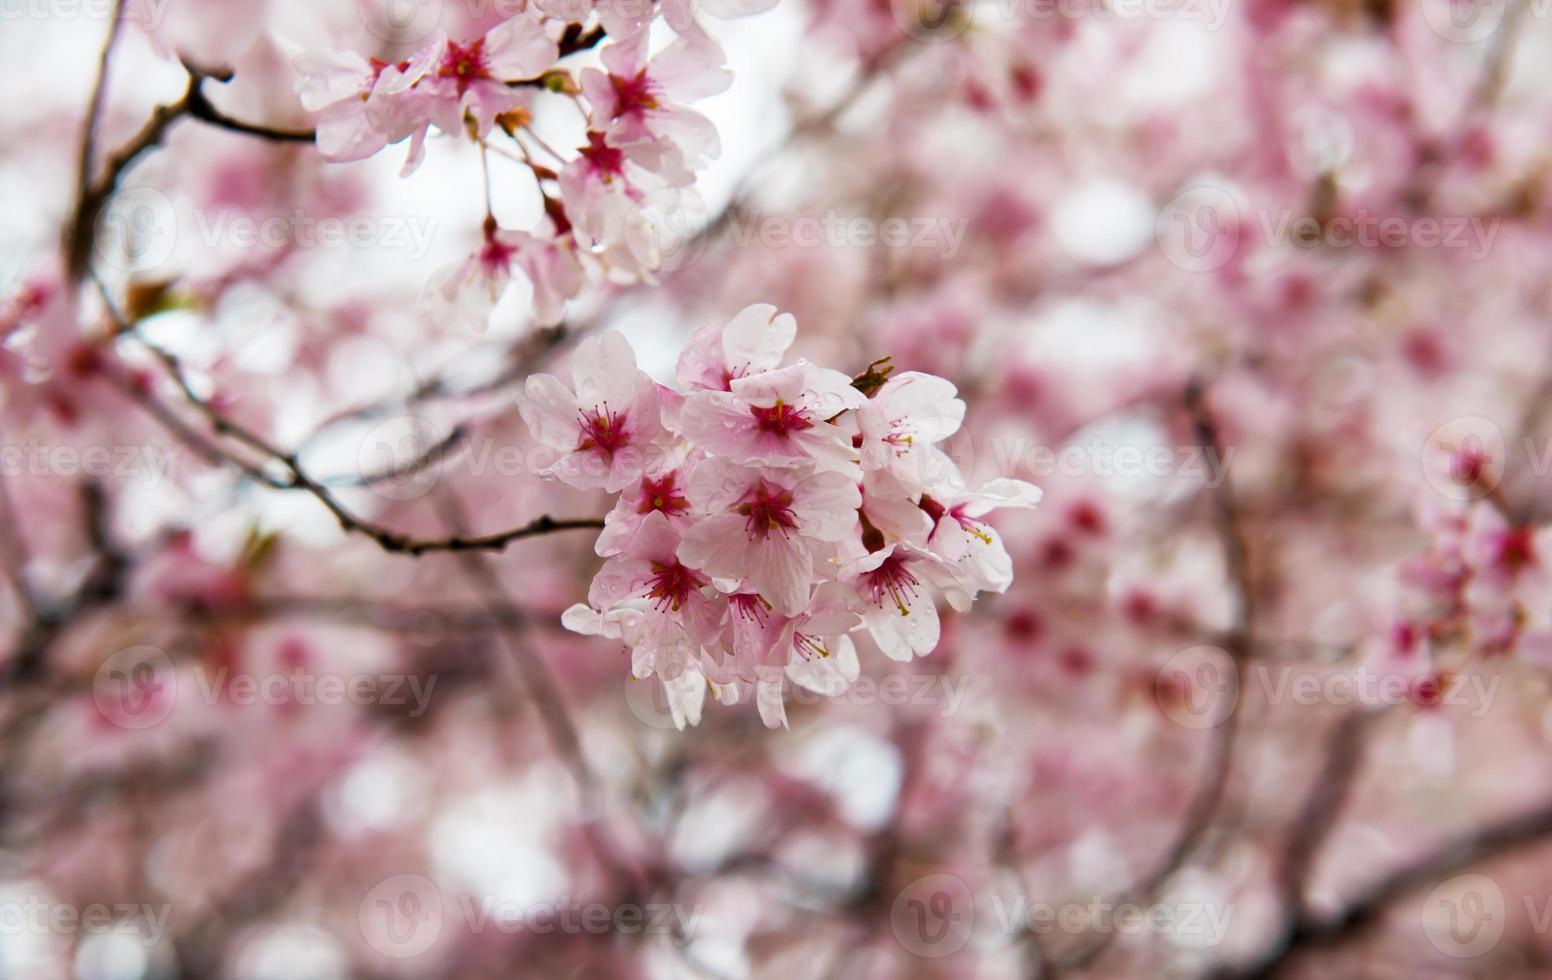 flor de cerejeira em um dia chuvoso foto